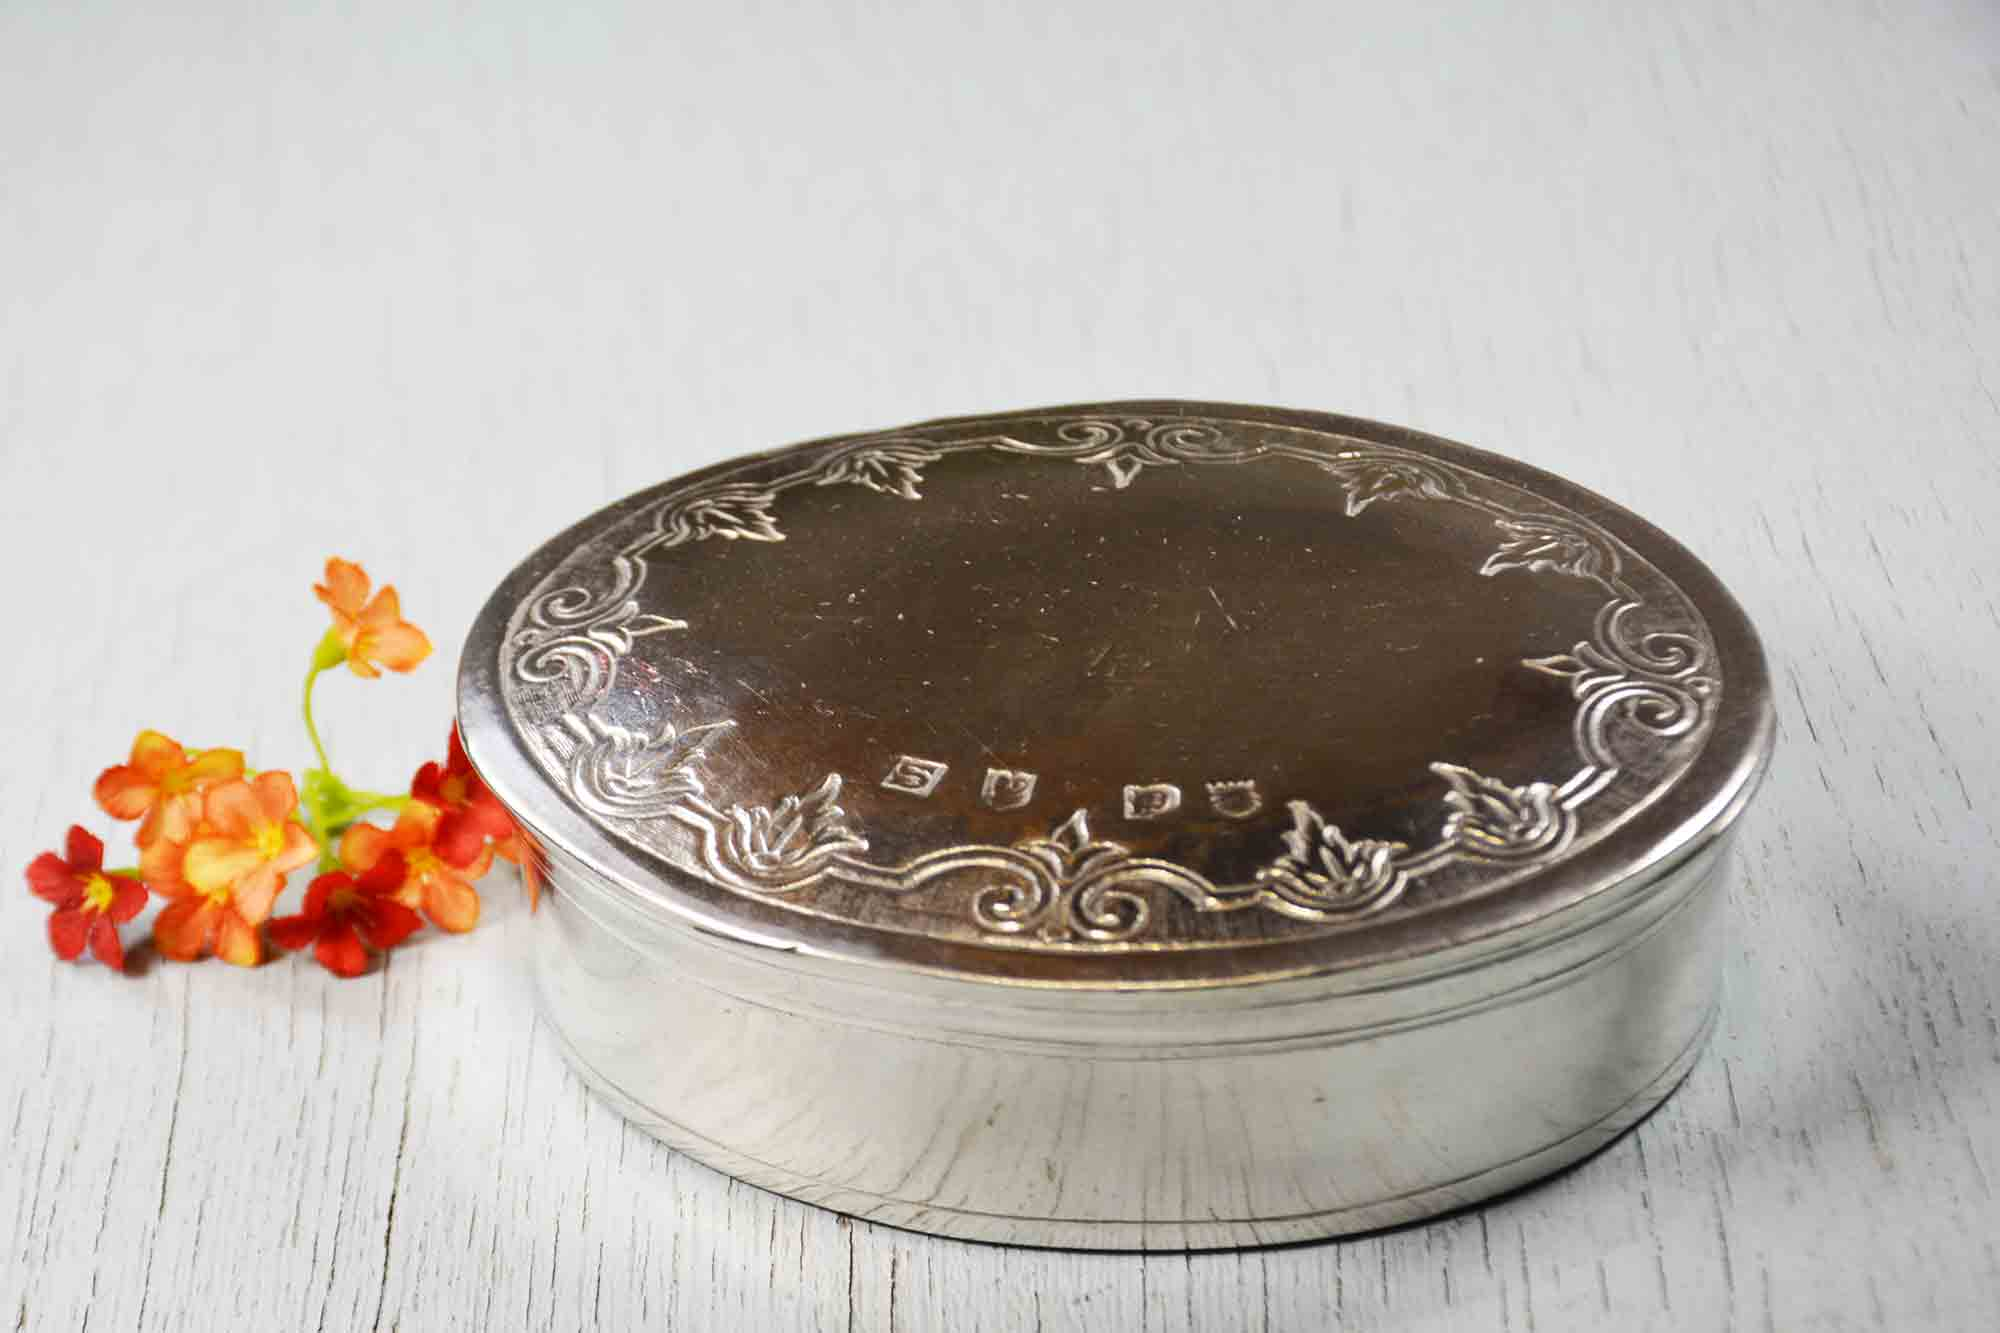 Boite ovale frise aux fleurs etain aspect argent massif